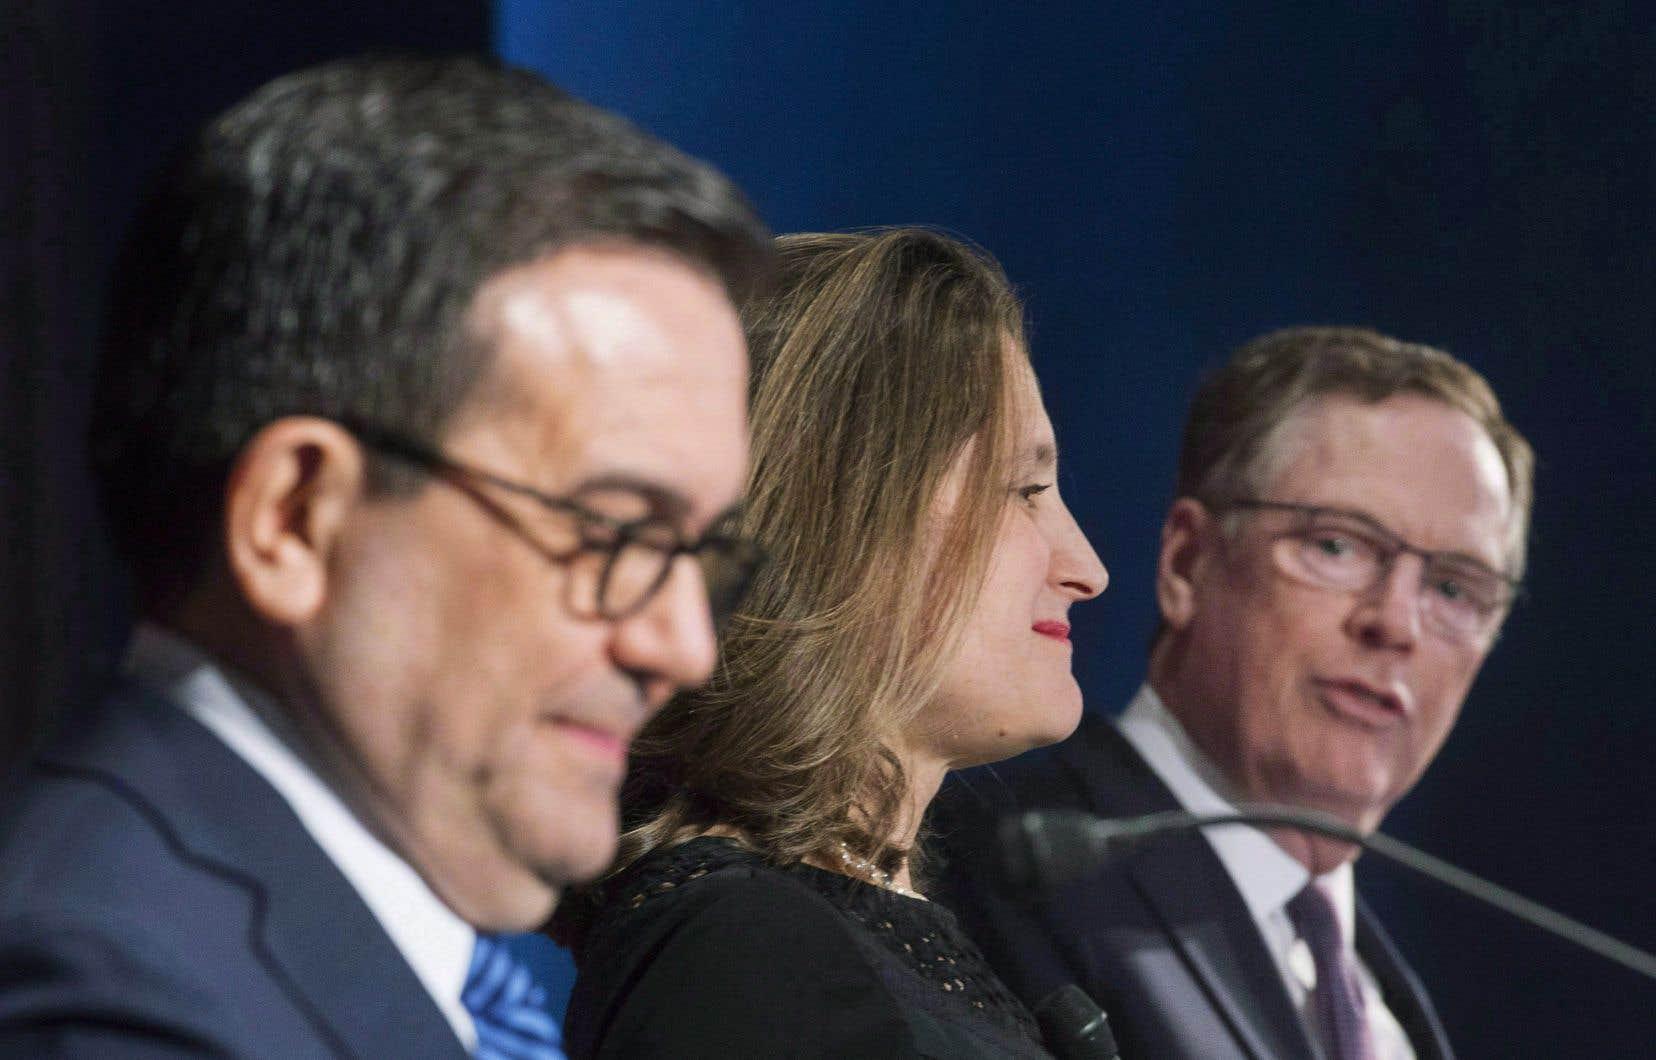 De gauche à droite, le ministre mexicain, Ildefonso Guajardo,la ministre canadienne des Affaires étrangères,Chrystia Freeland, et le représentant américain au Commerce,Robert Lighthizer